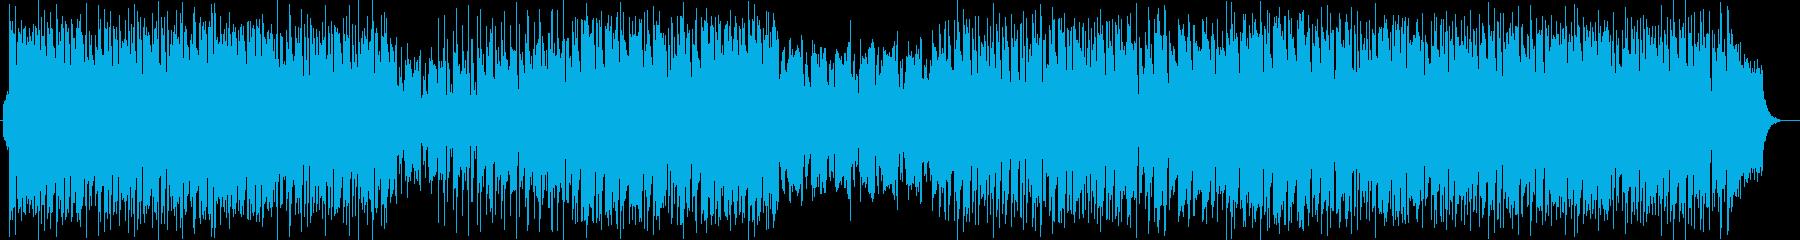 お洒落キャッチーなシンセサイザーサウンドの再生済みの波形